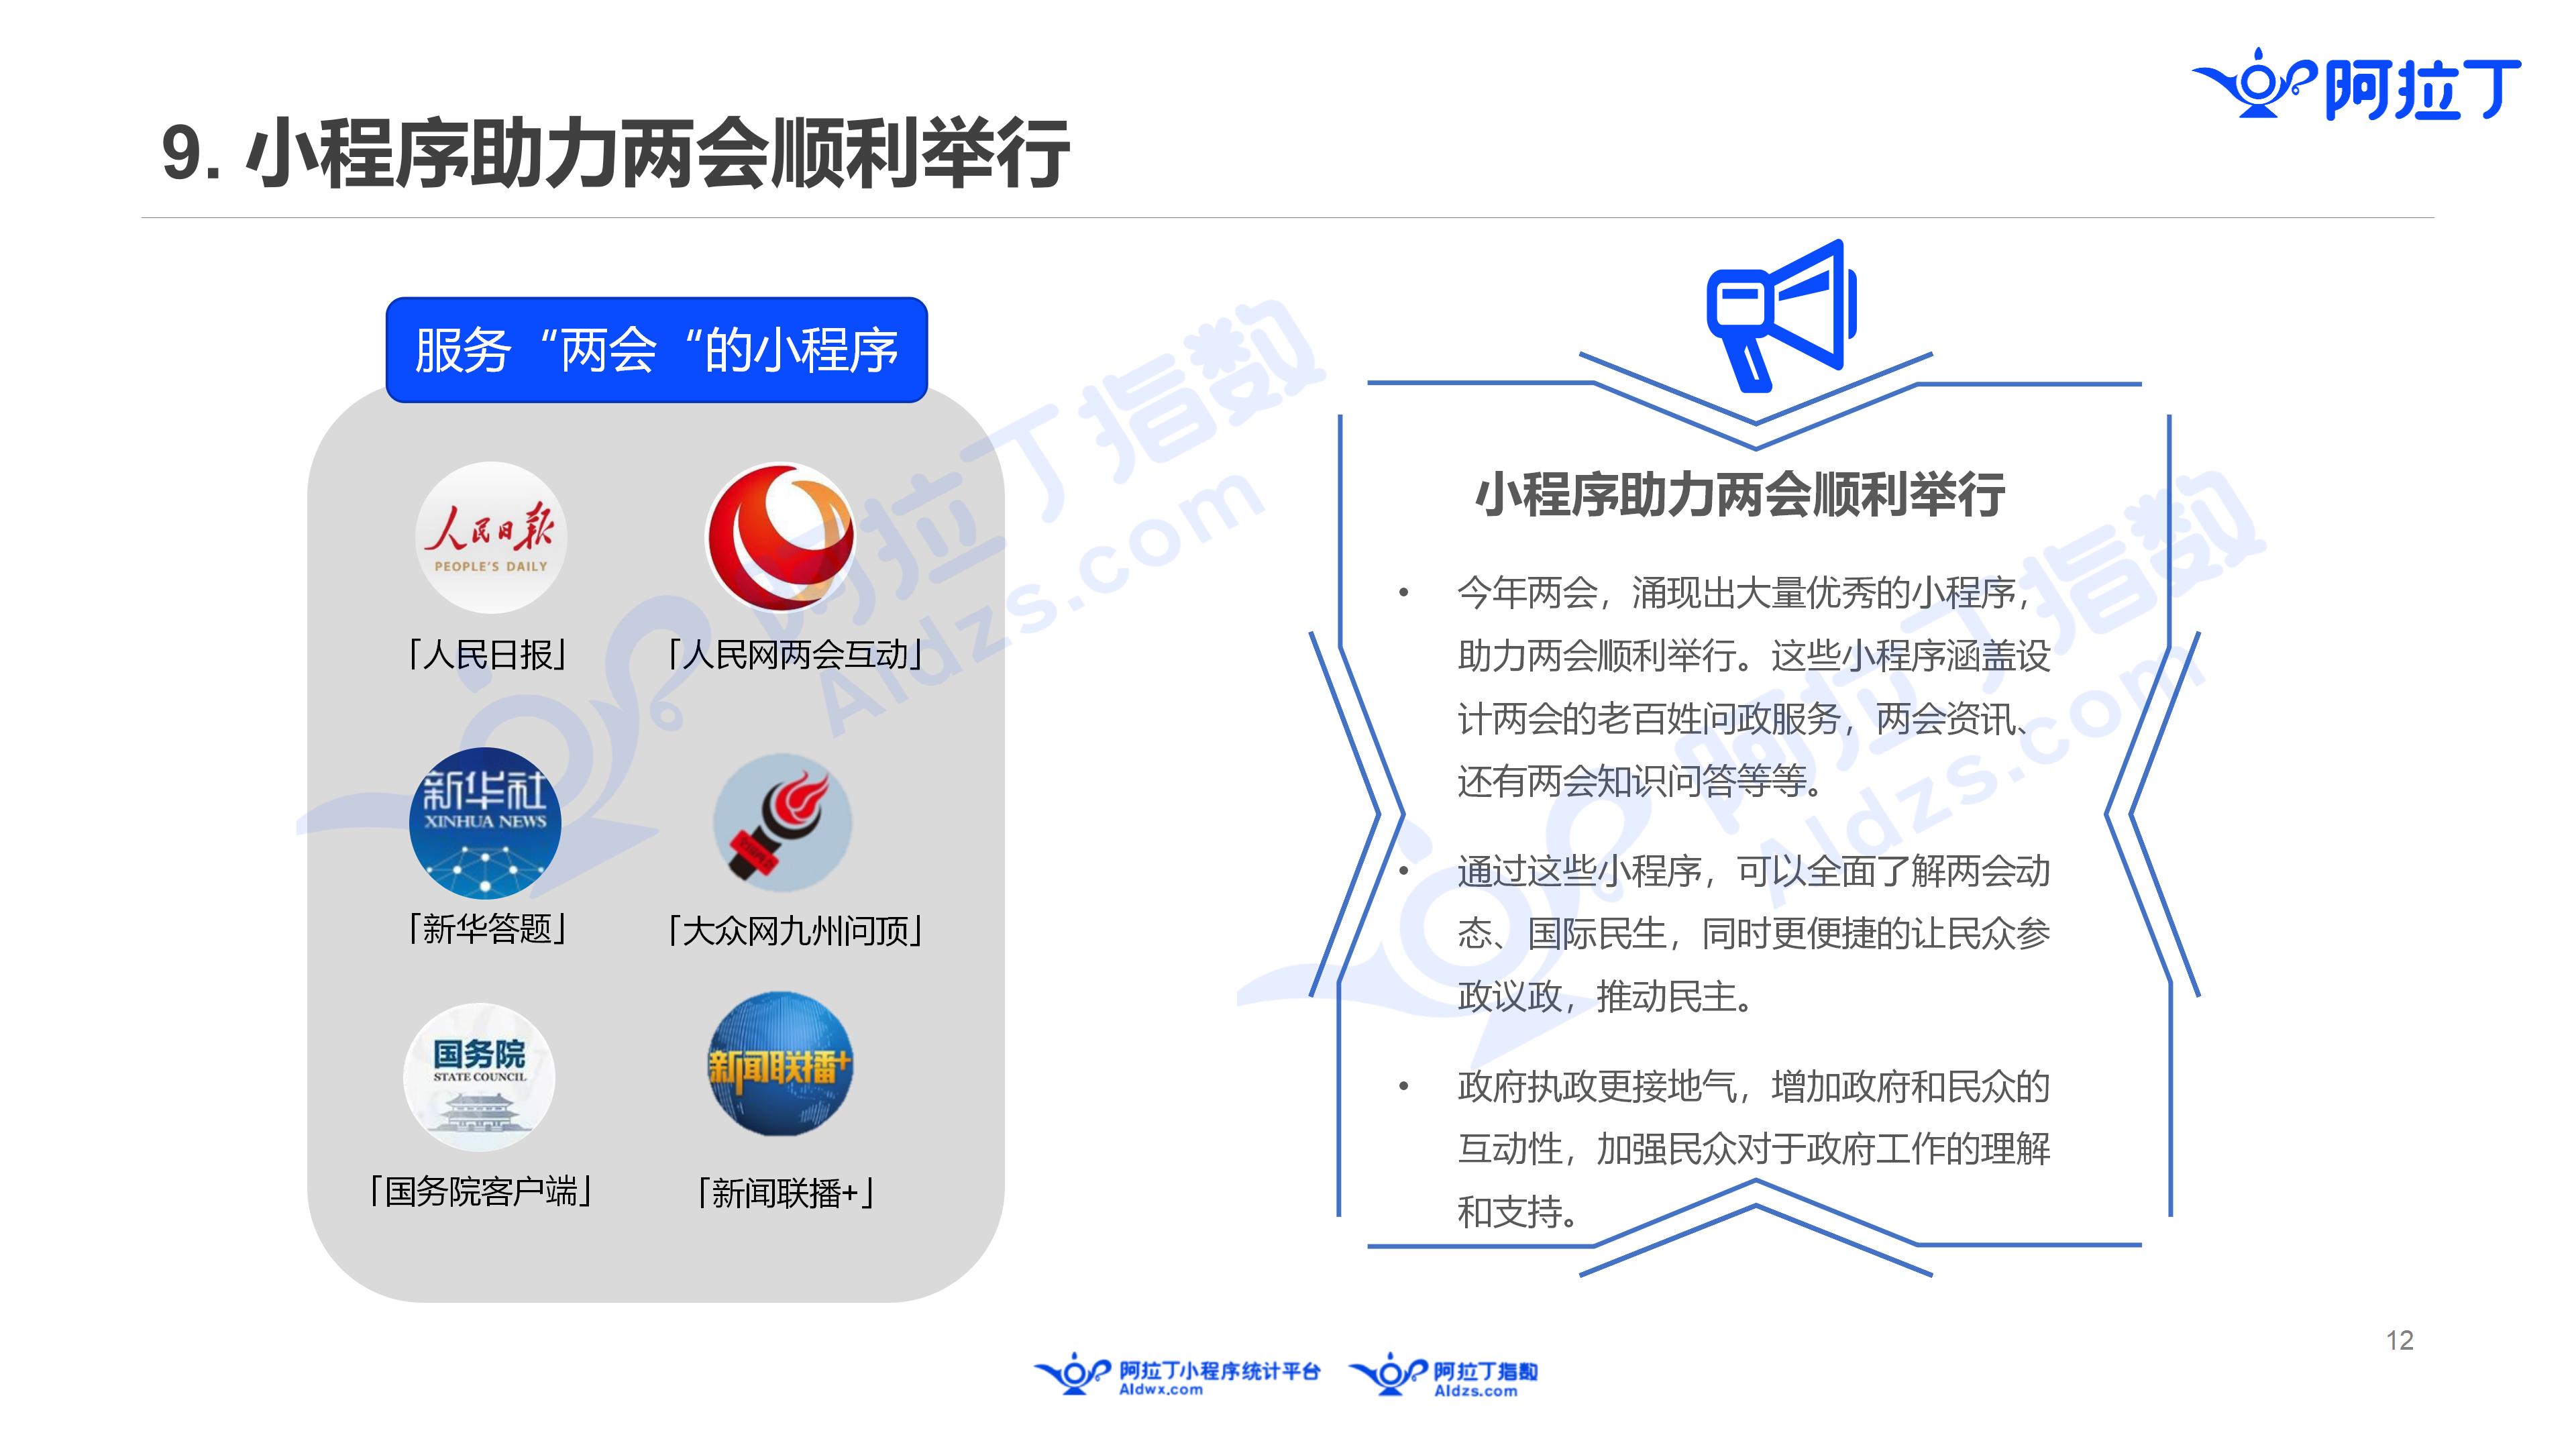 2019年3月中国小程序行业月度报告v5(1)_12.png